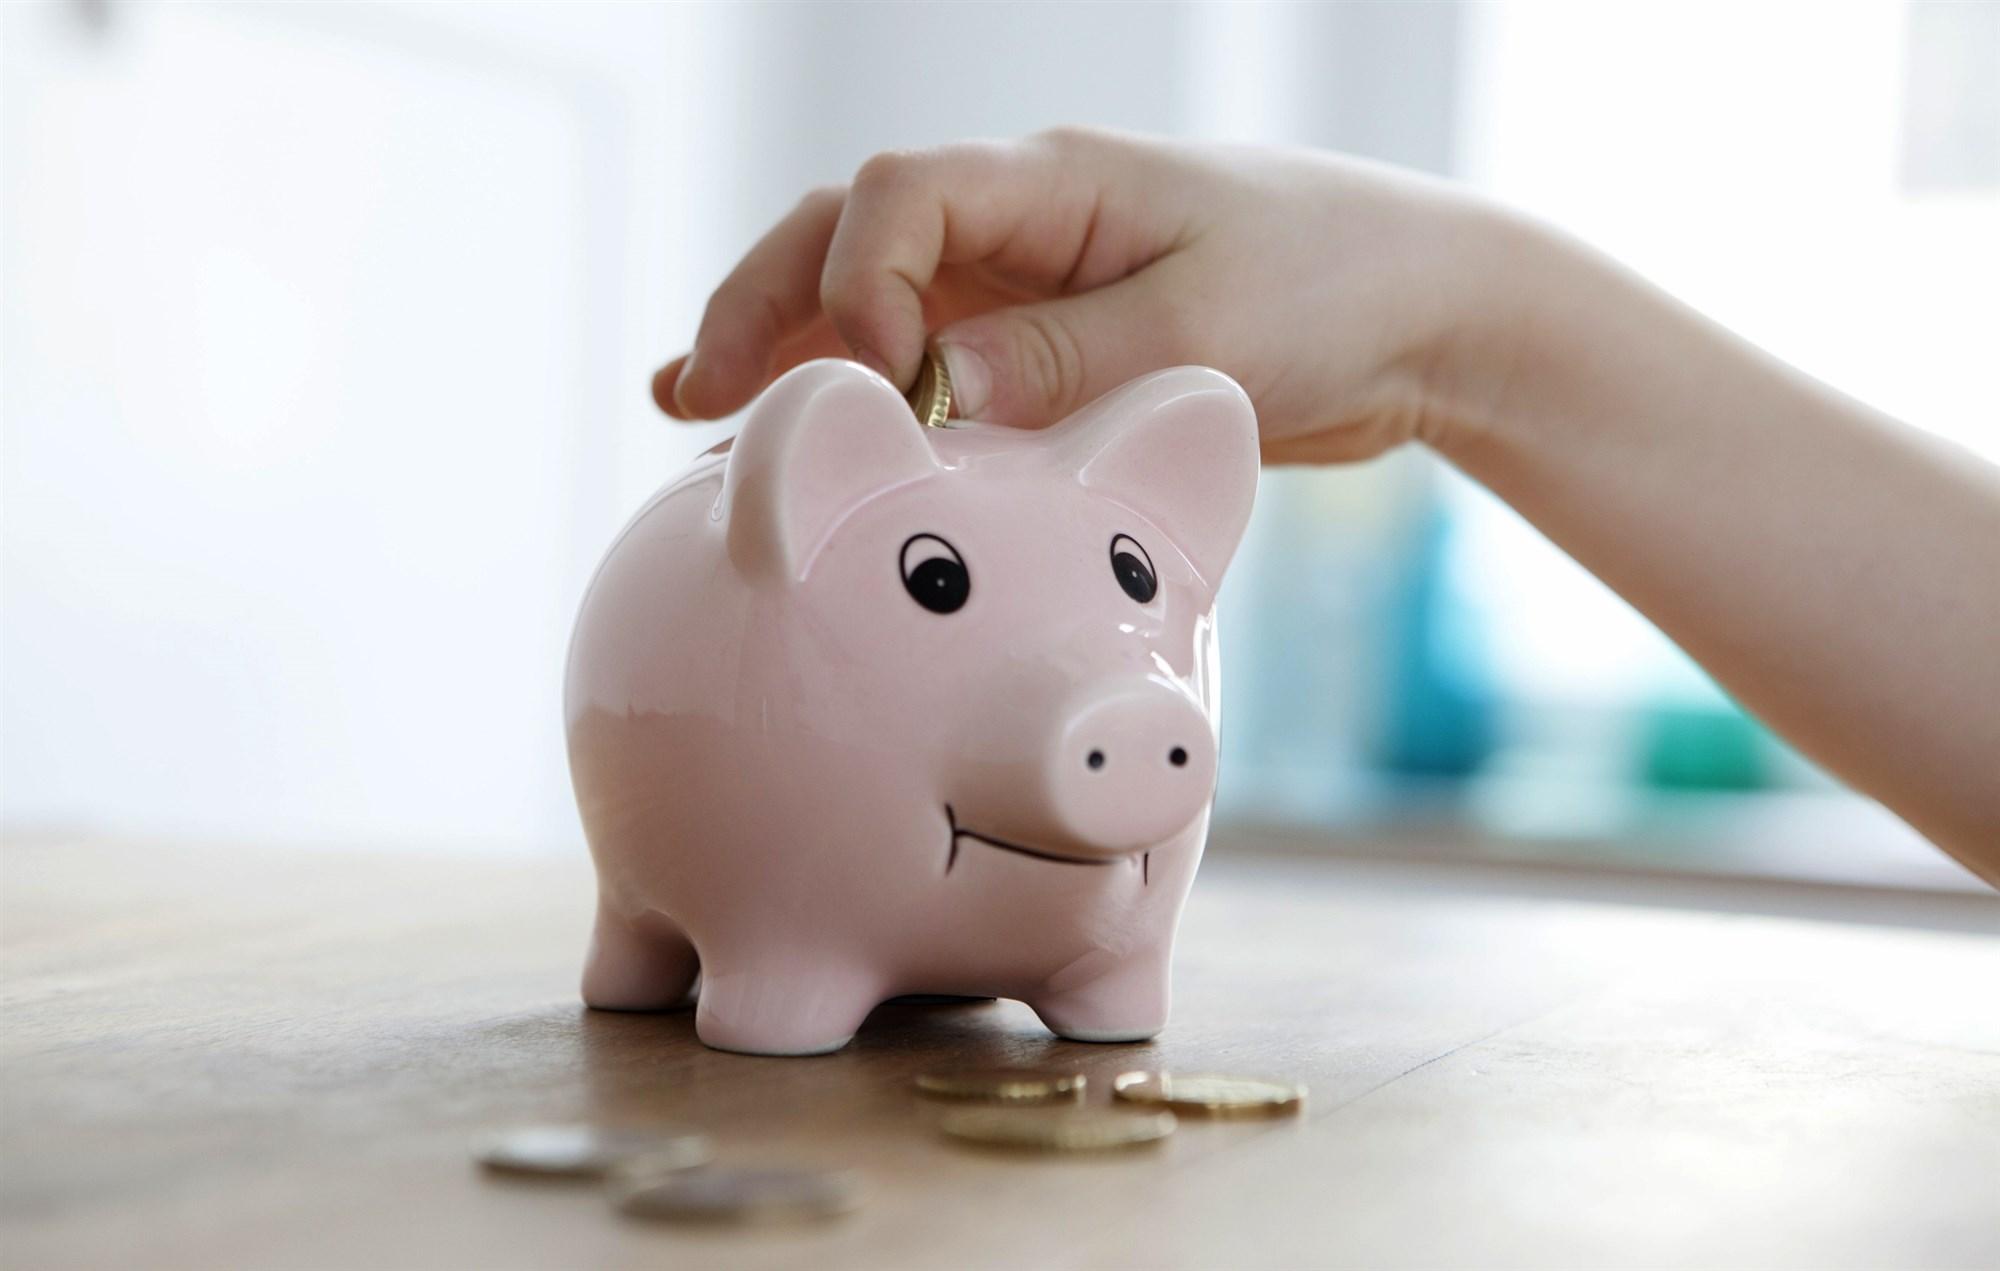 190304-piggy-bank-stock-cs-854a_42b8e7c99e9cab13b006ee4c0e680aa0.fit-2000w.jpg